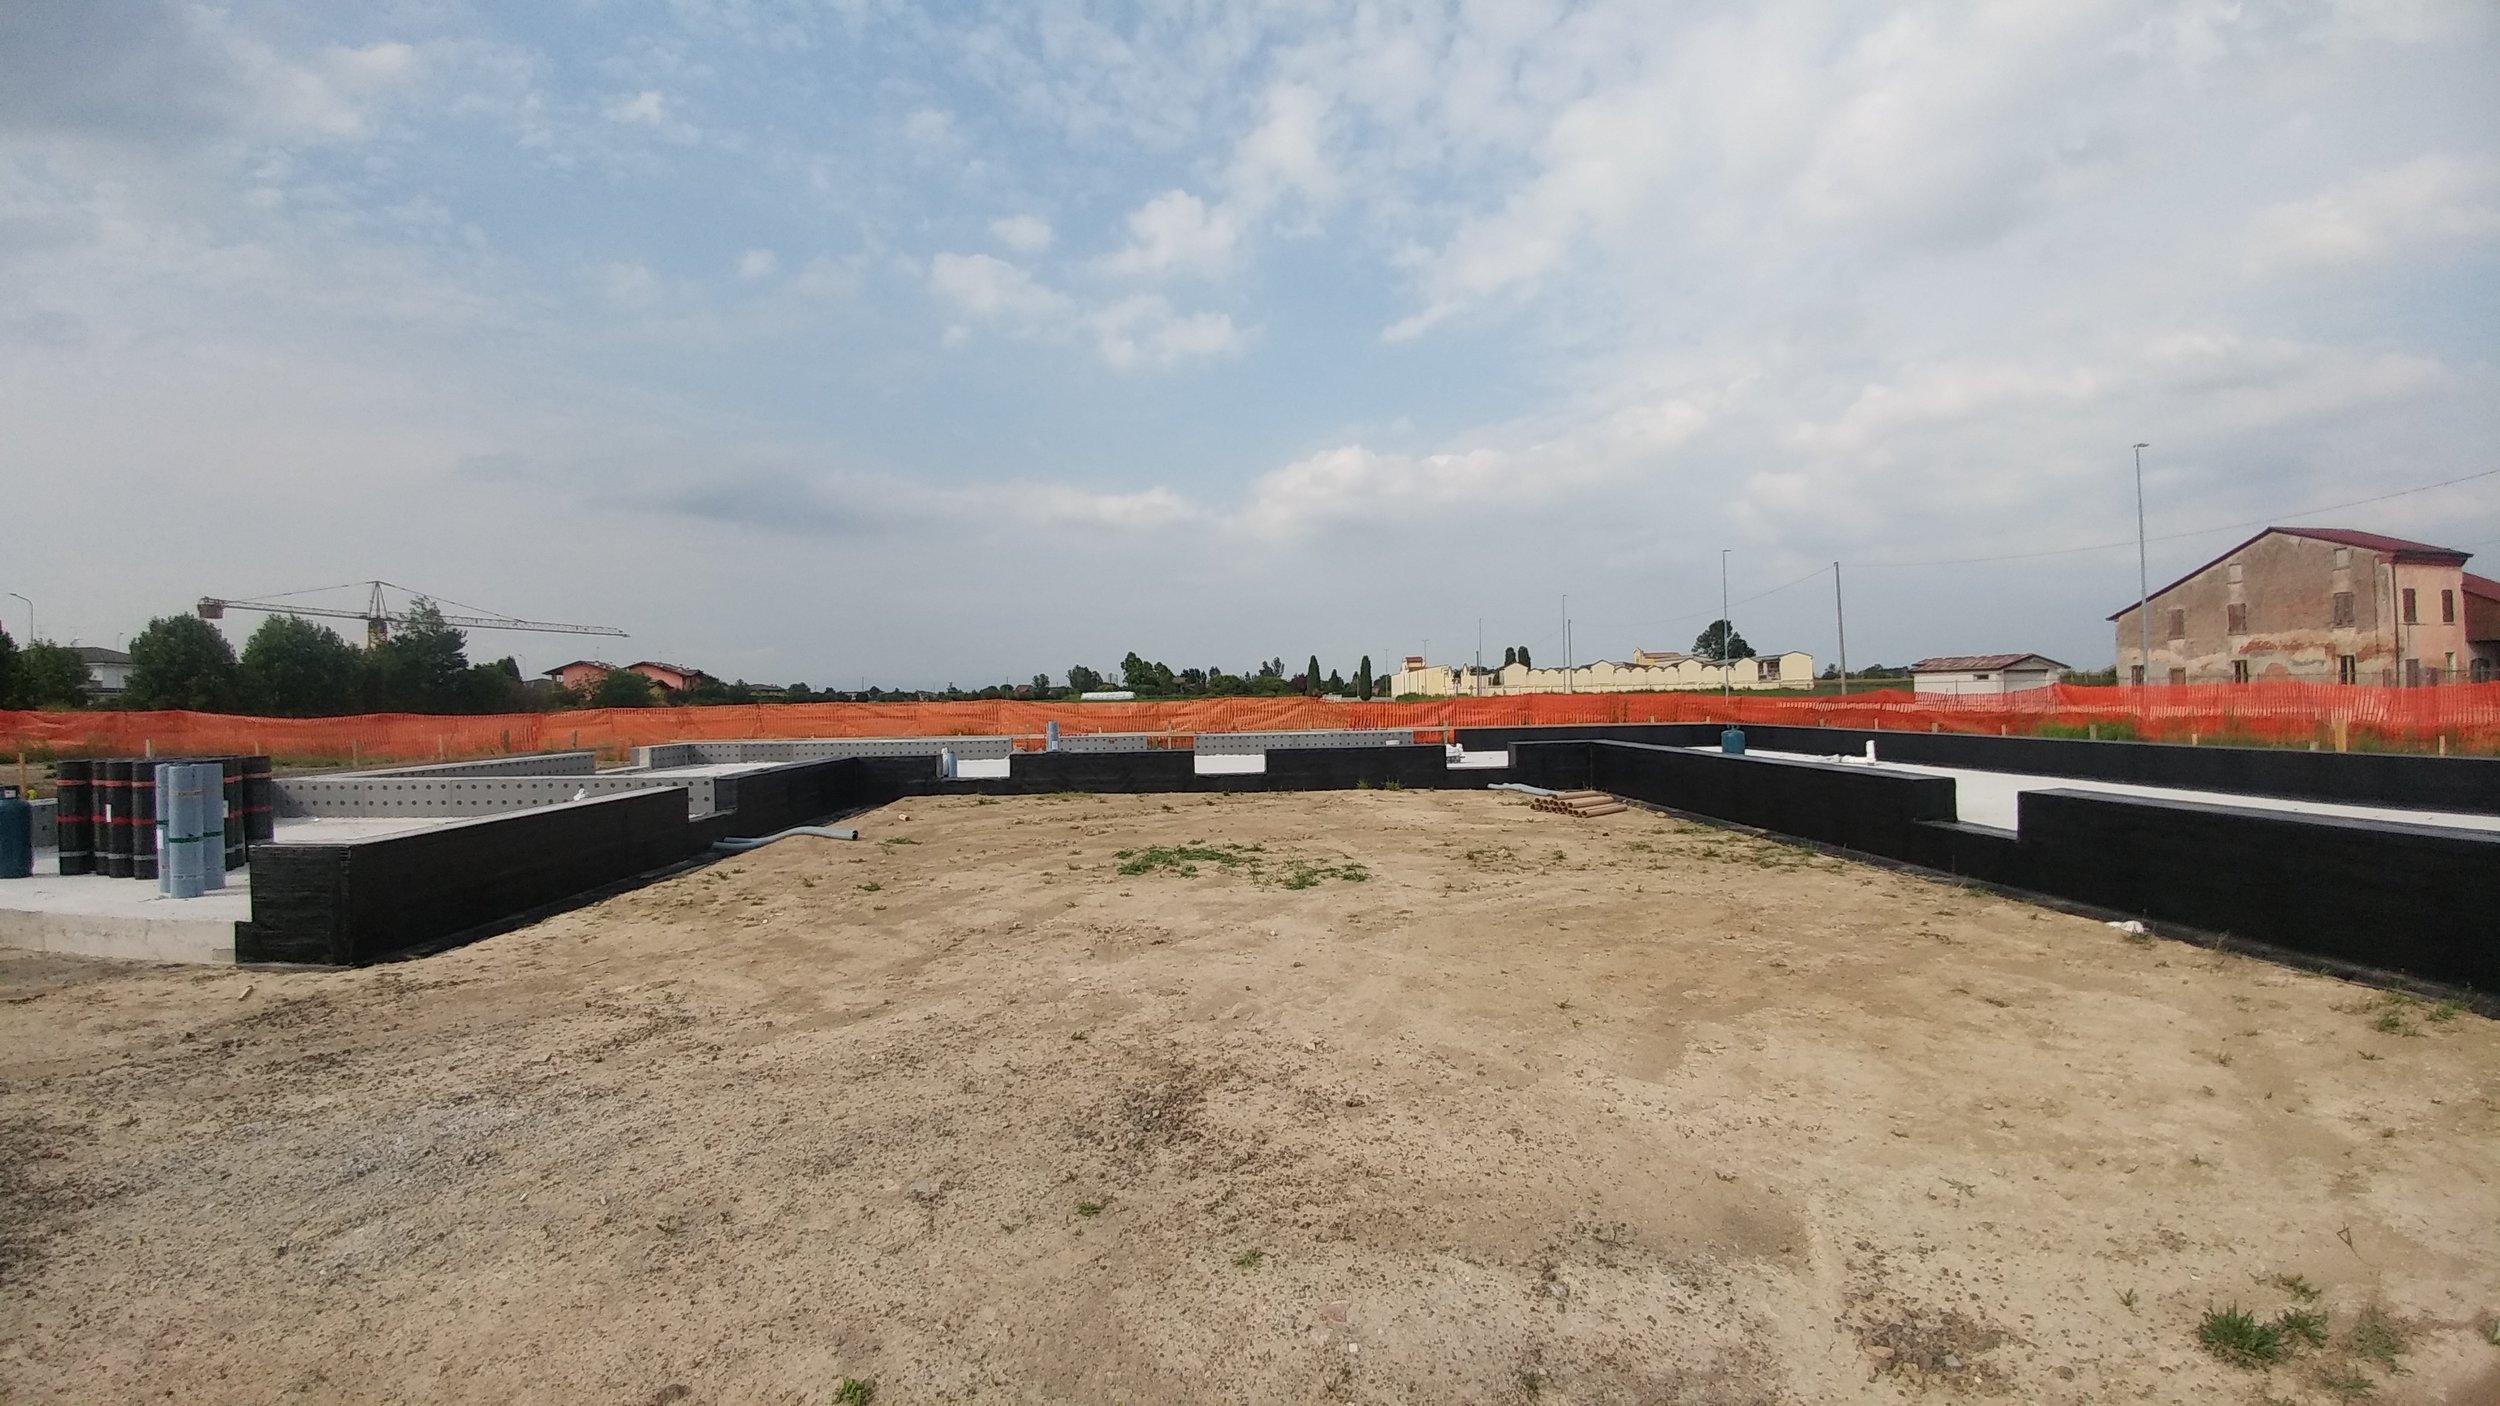 La platea conclusa pronta per la posa delle strutture in legno e paglia